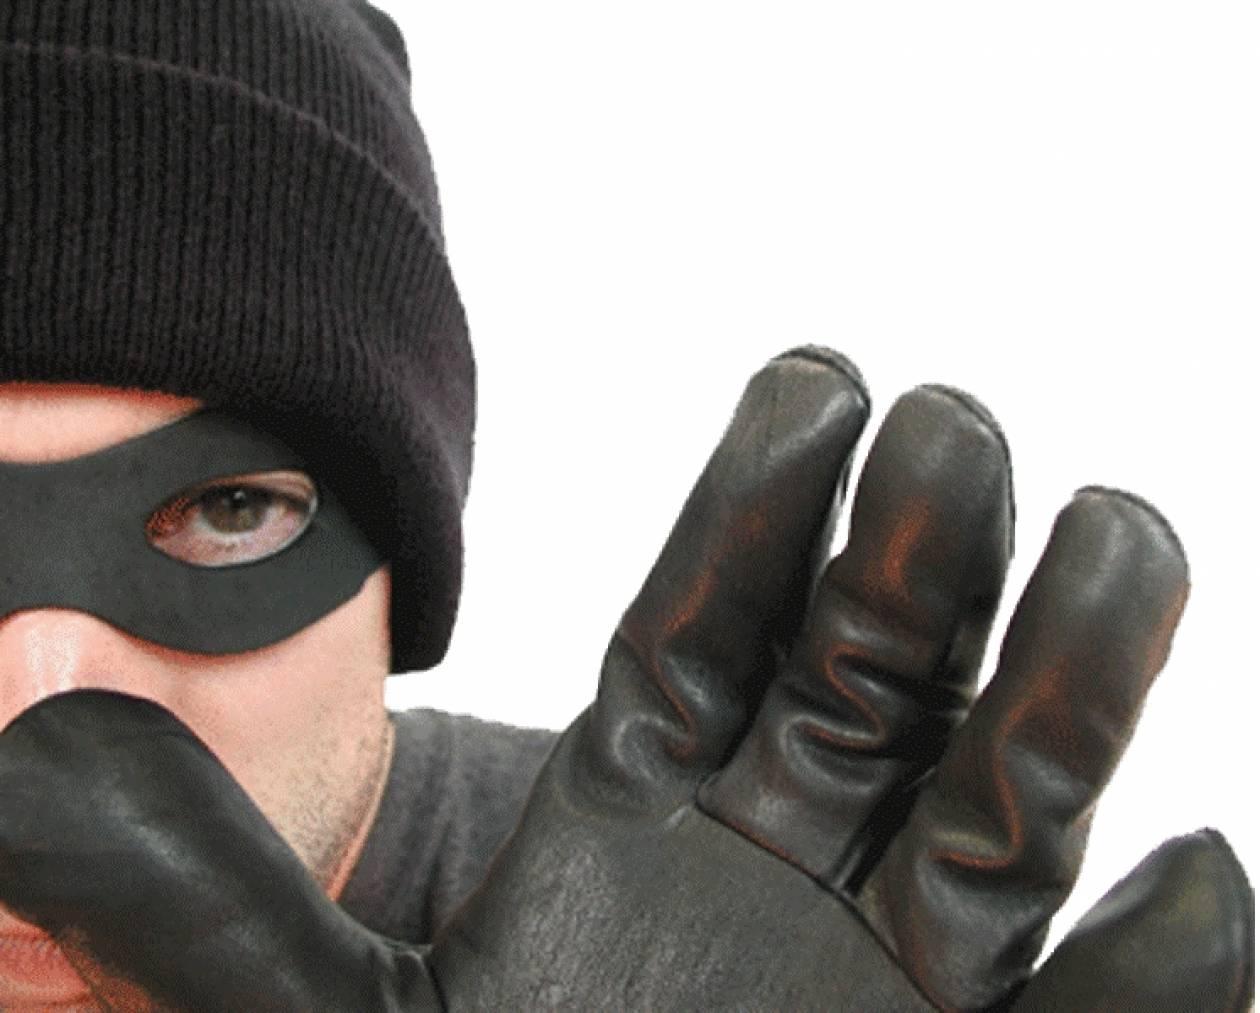 Εισβολή ενόπλων σε κατοικία στο Πικέρμι